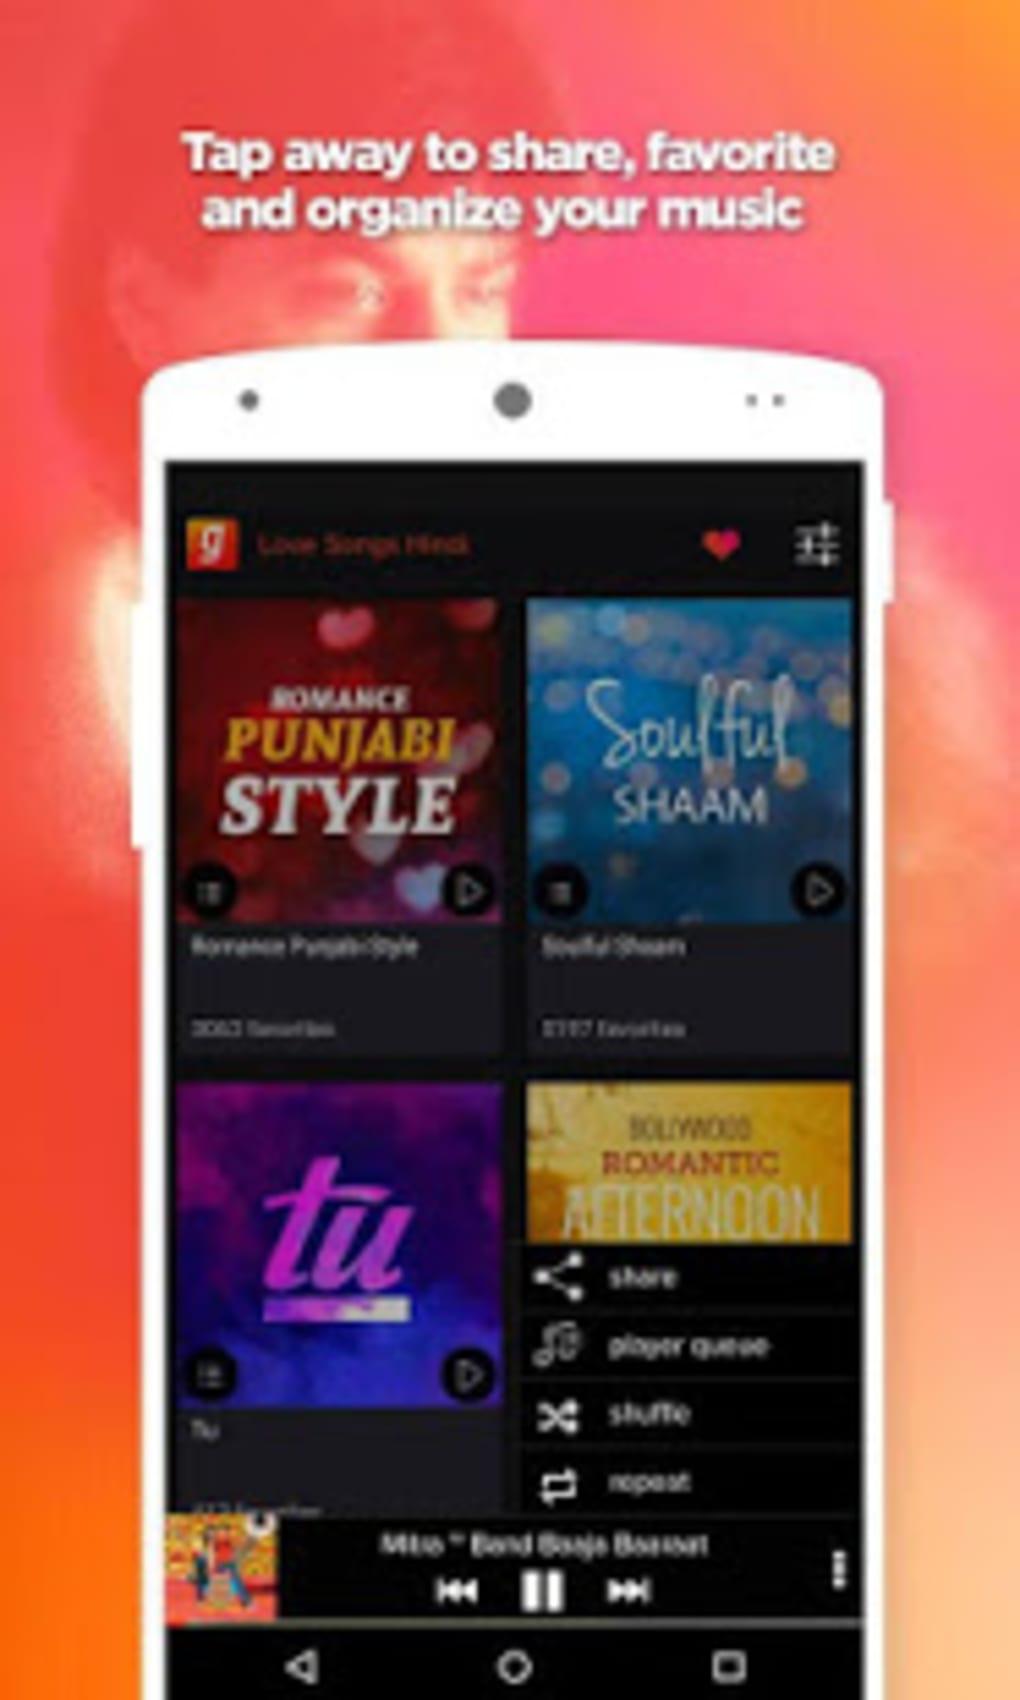 hindi song music app download